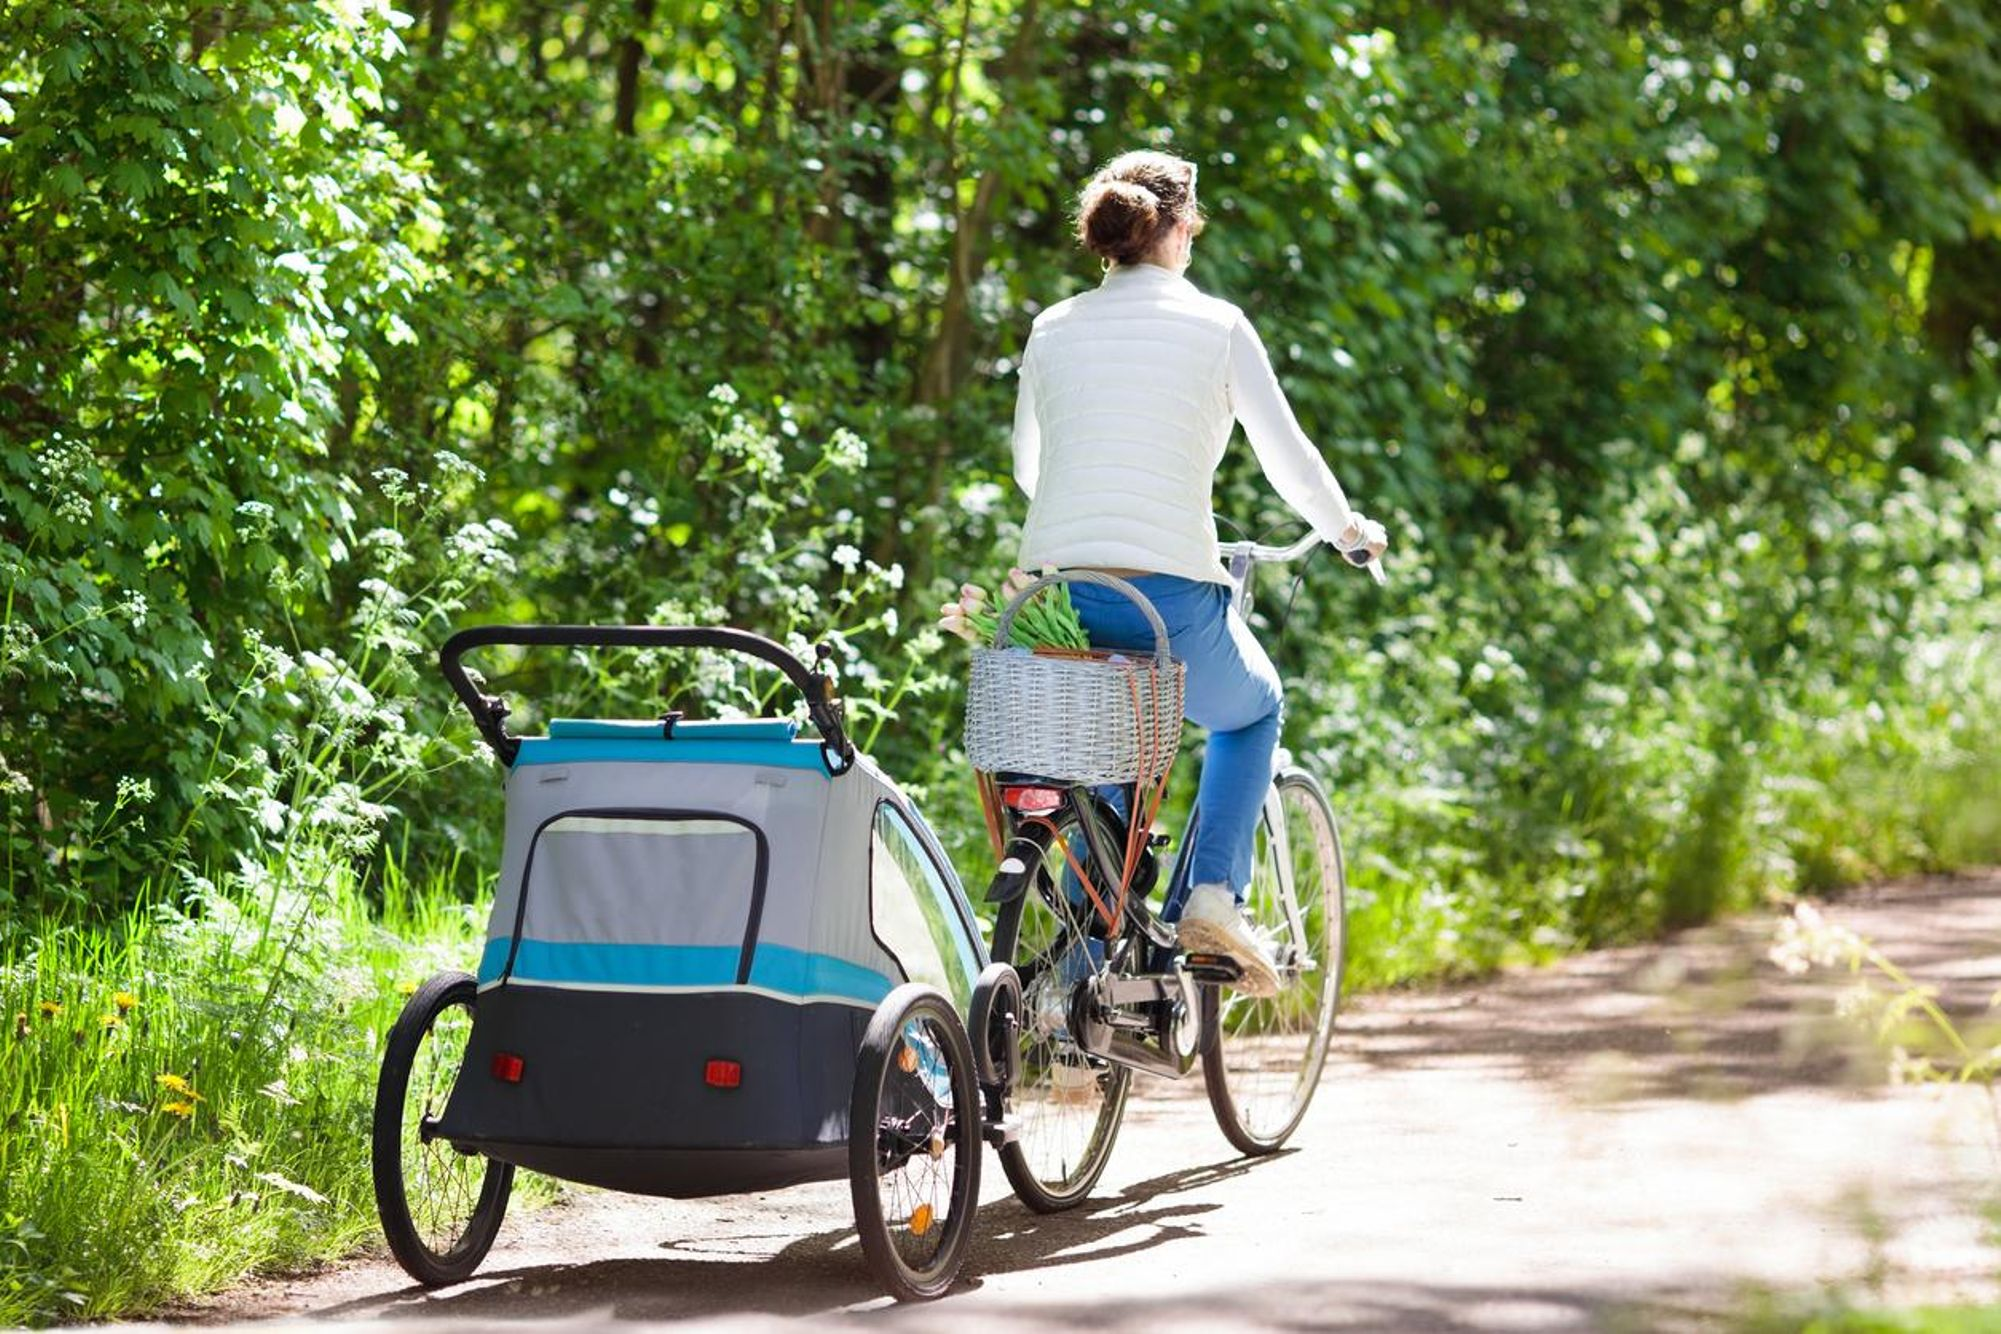 Meilleures remorques vélo bébé image